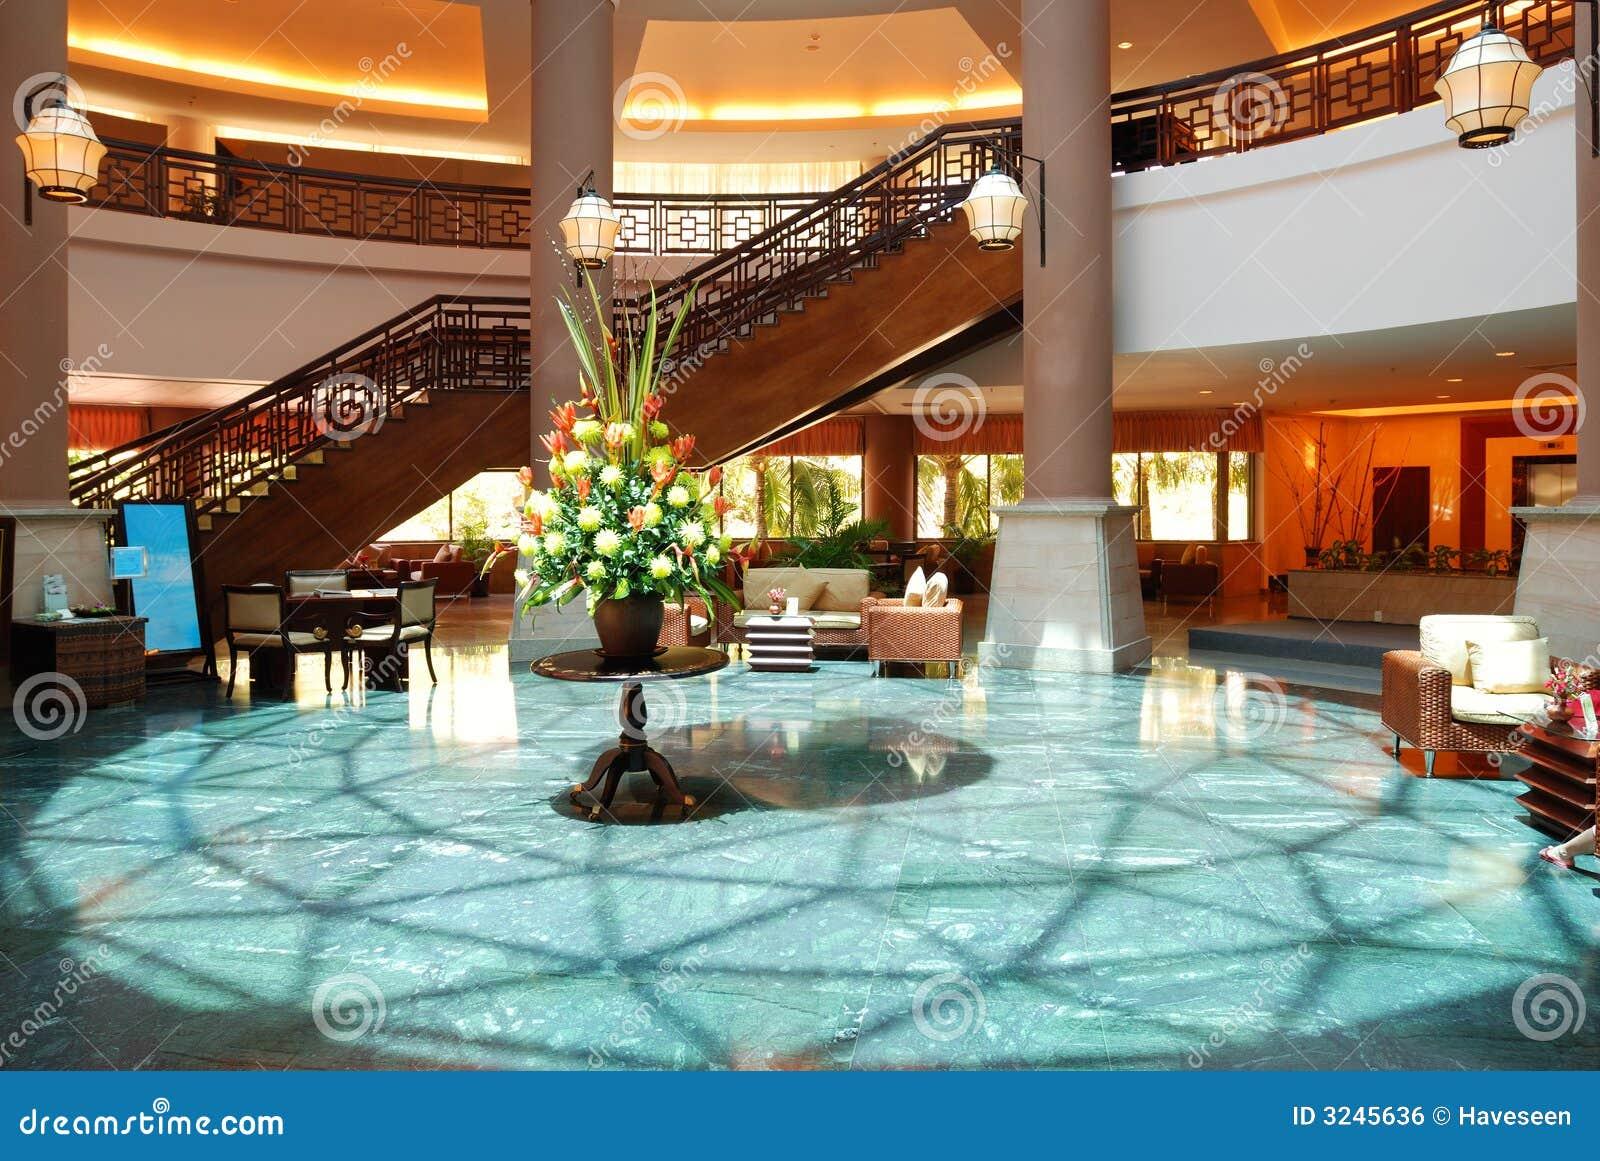 Pasillo del hotel de lujo imagen de archivo libre de - Hotel de lujo en granada ...